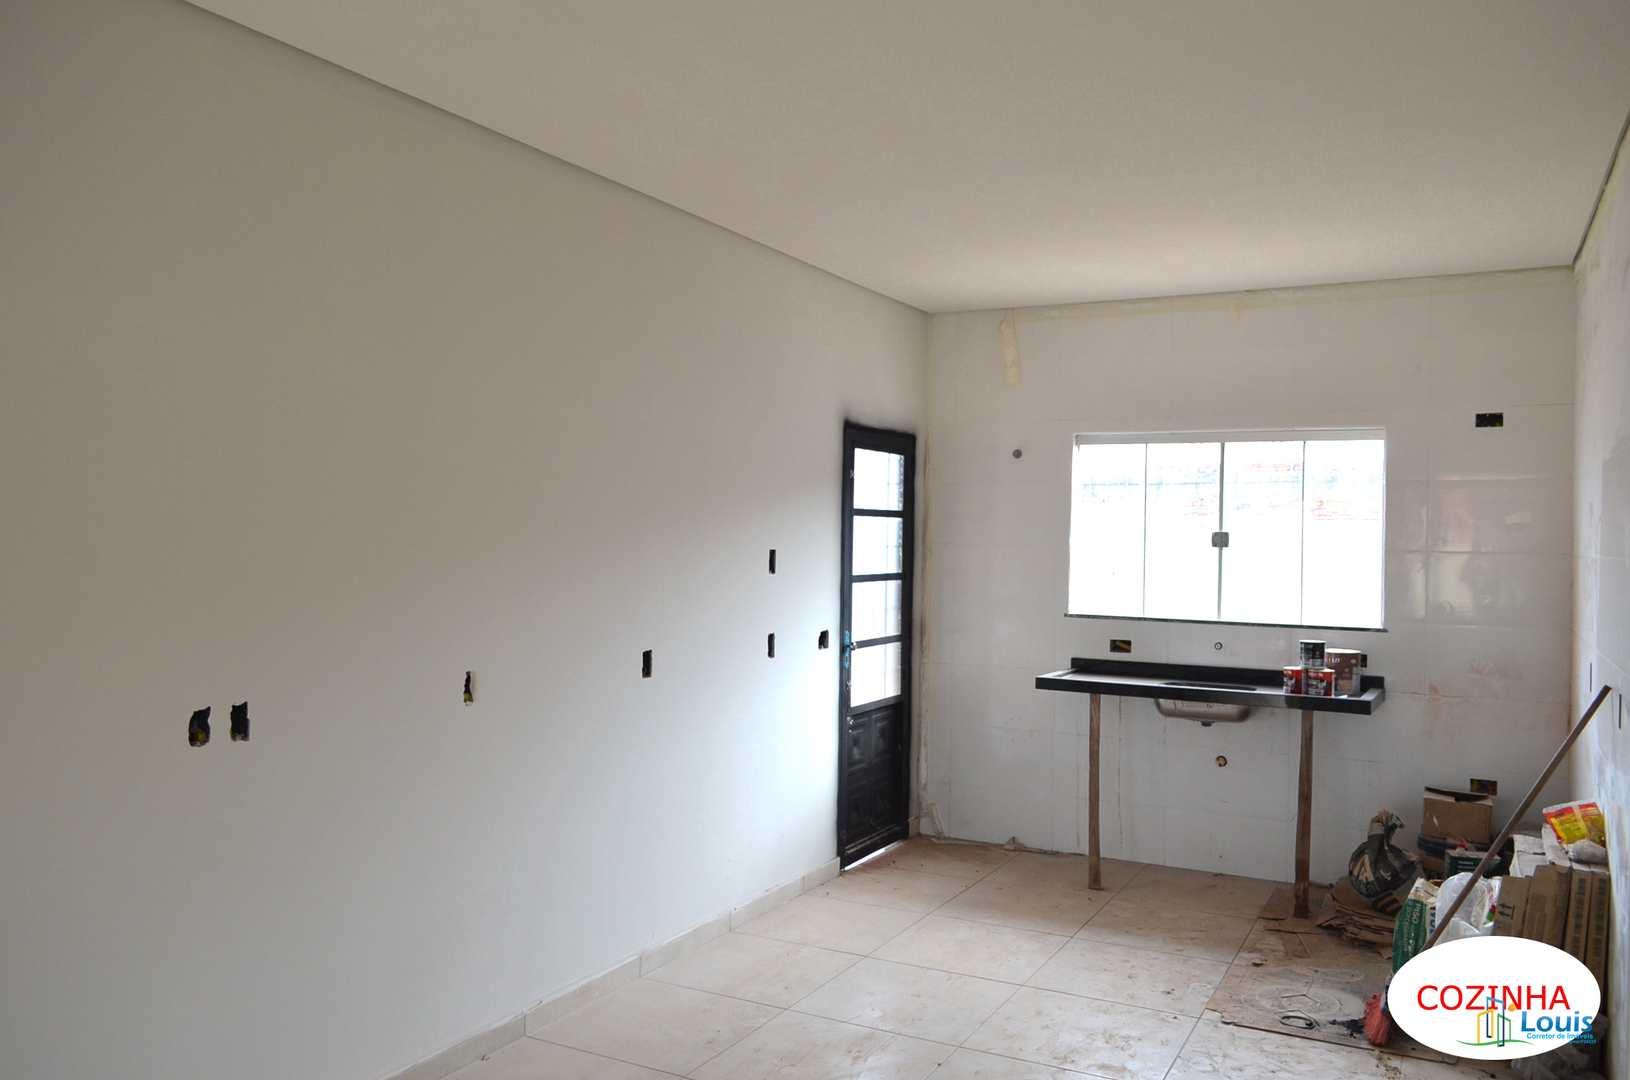 Casa em Ibiporã/PR, Vila Romana, 98m², 3 quartos